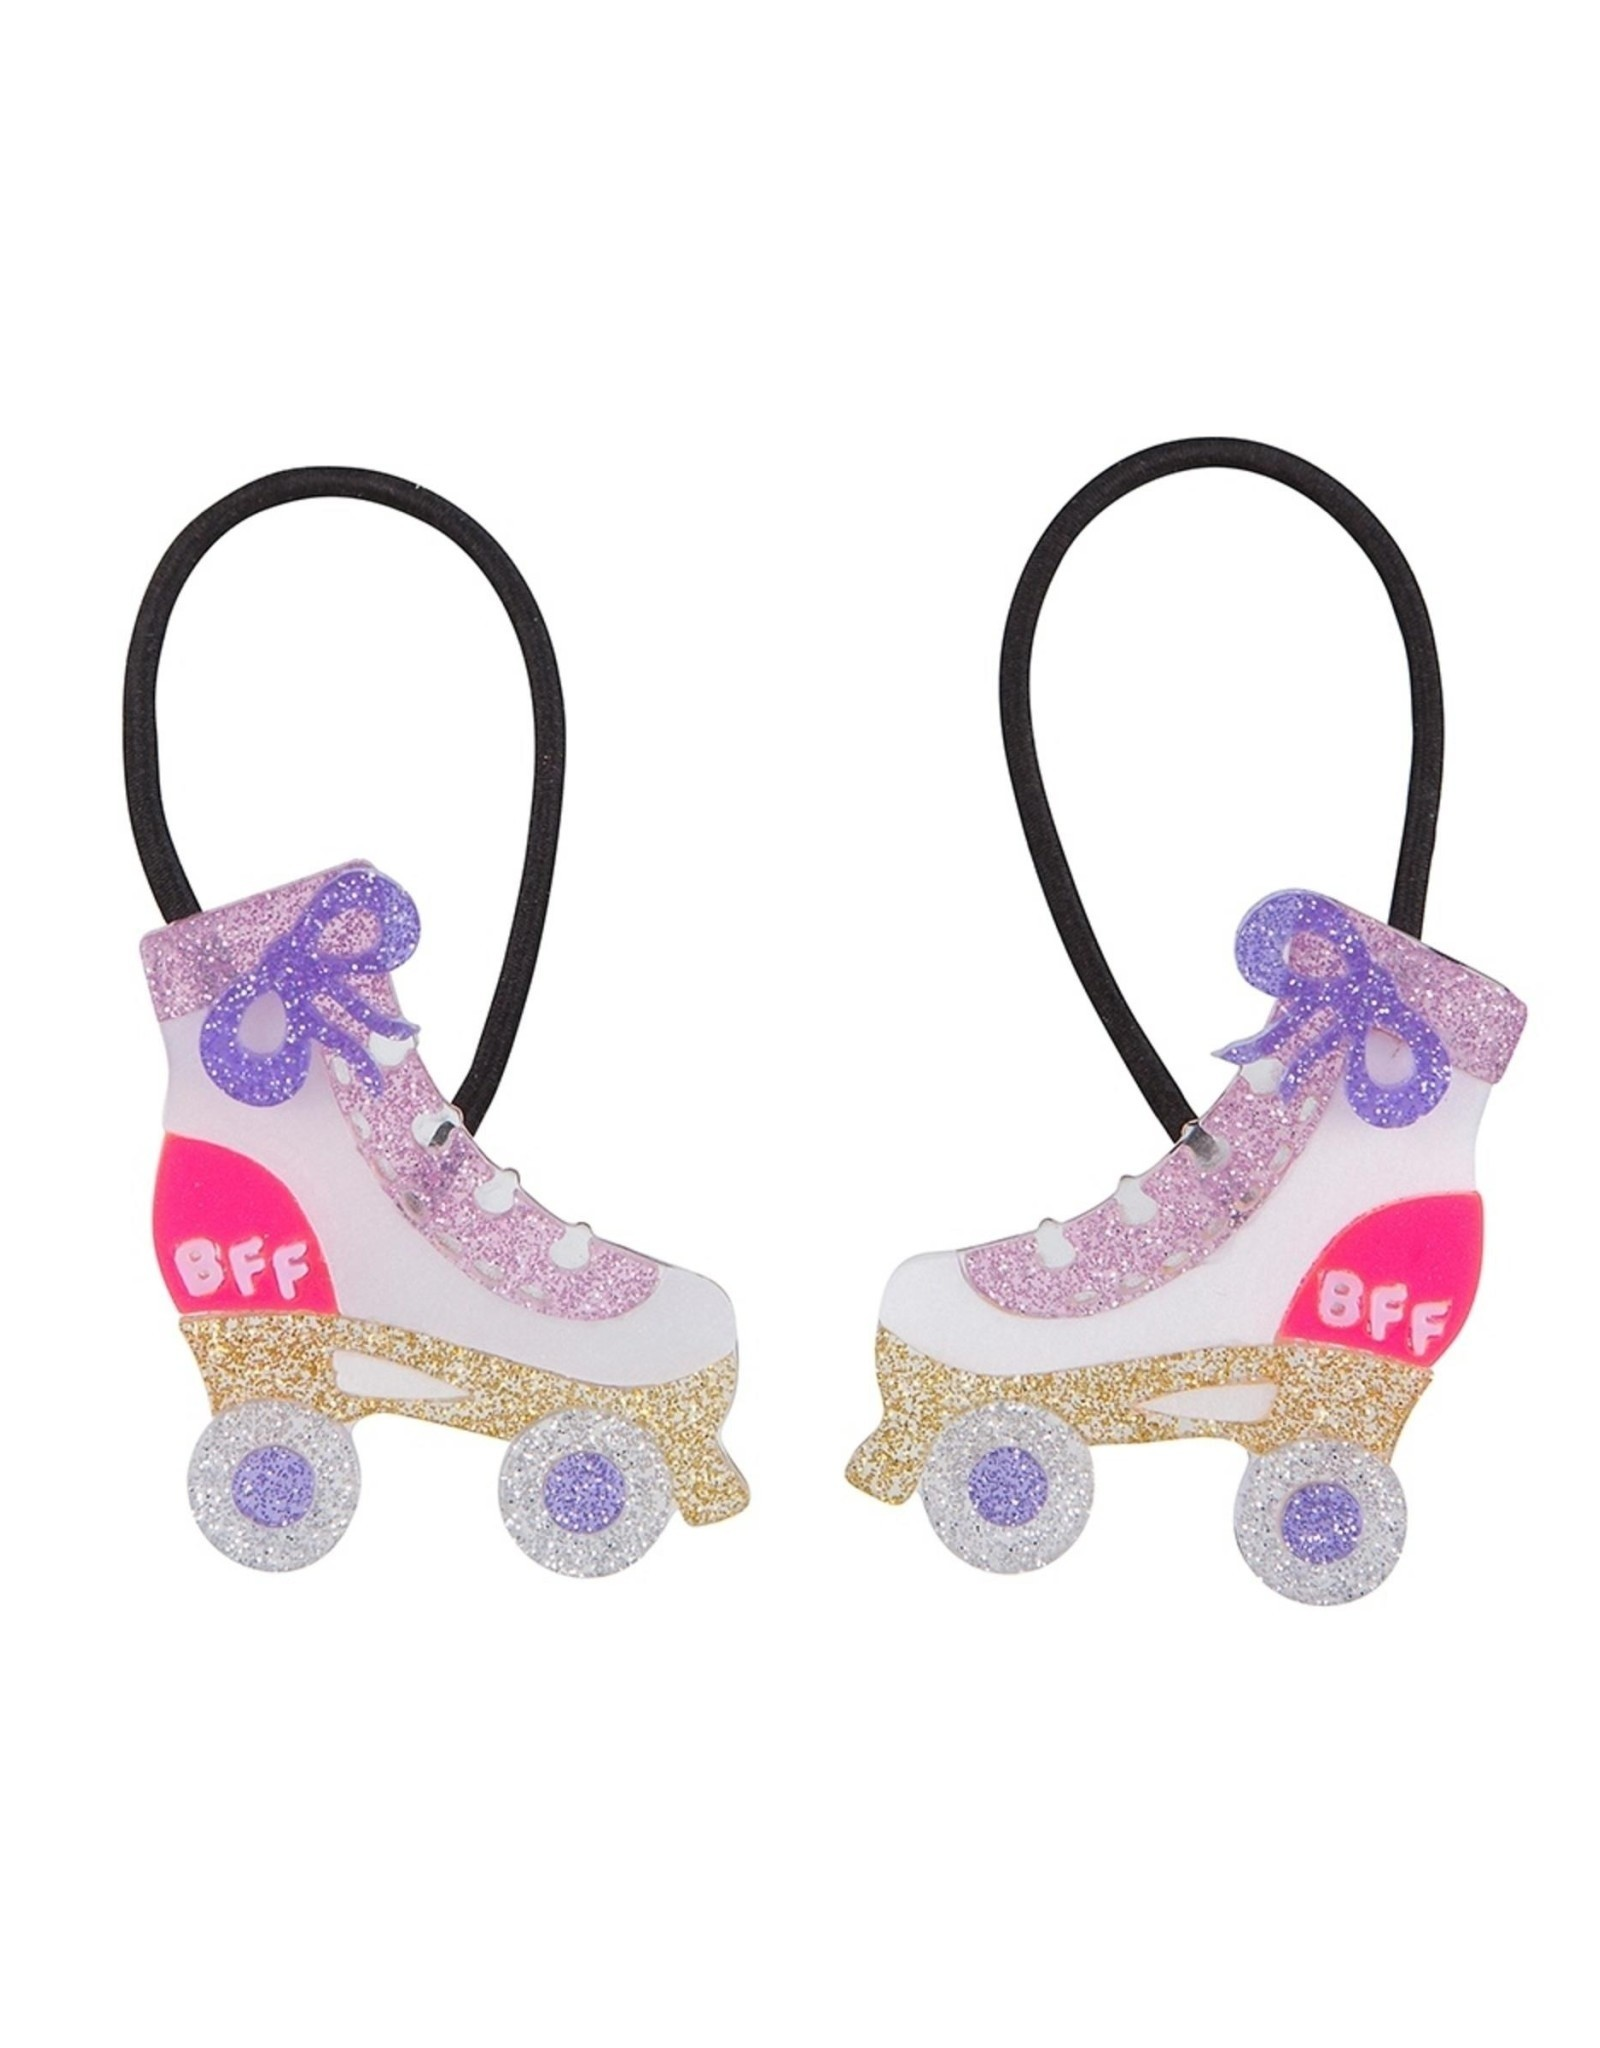 Lillies & Roses Ponytail Roller Skate